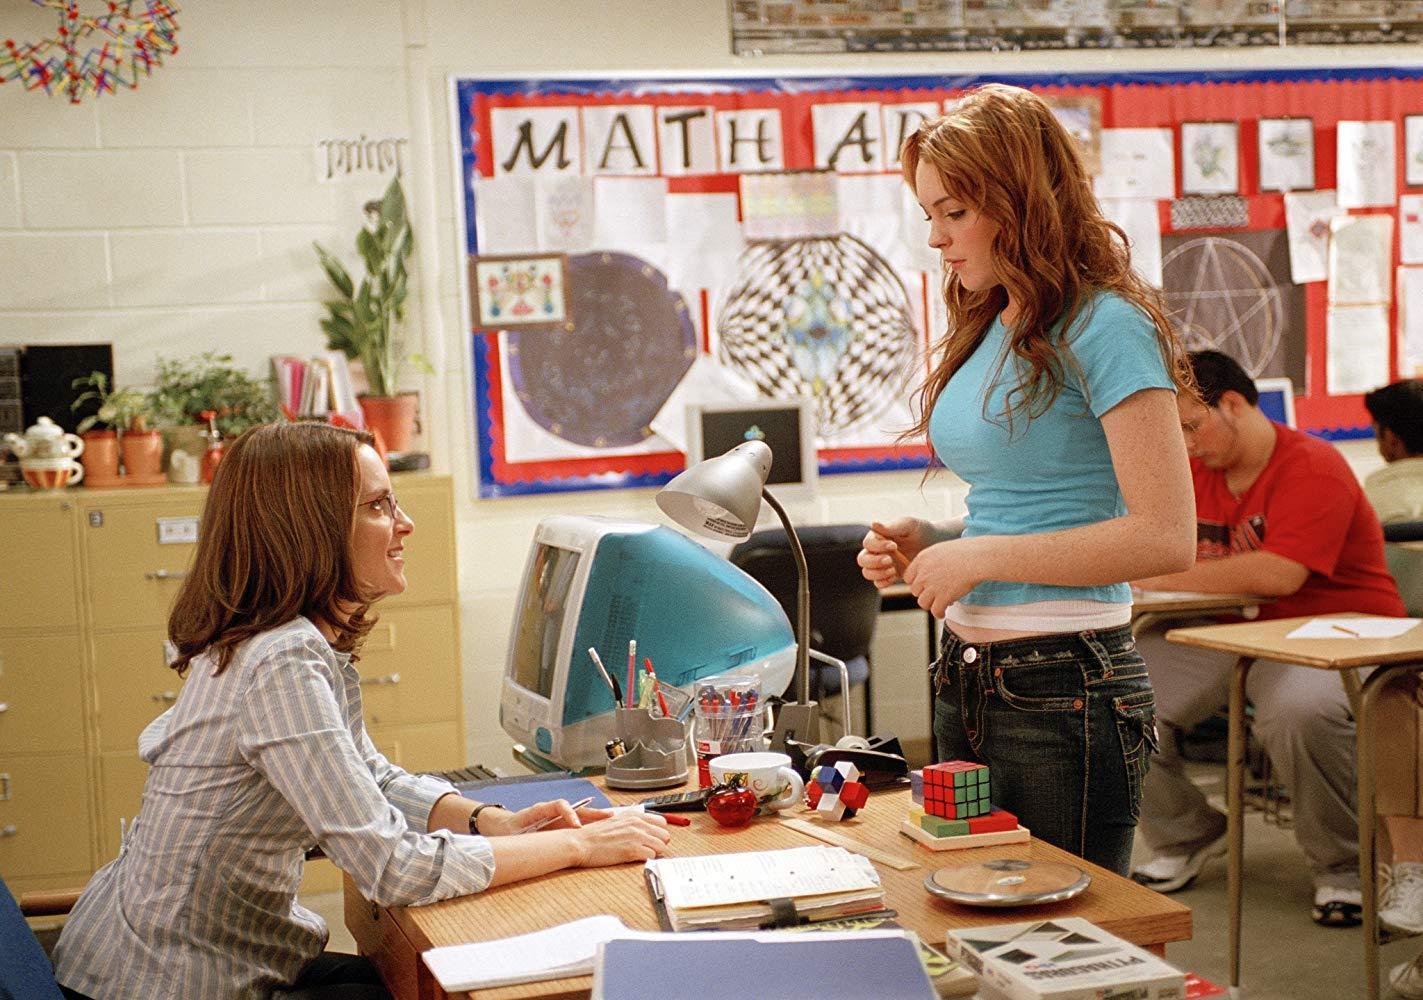 فيلم Mean Girls 2004 مترجم